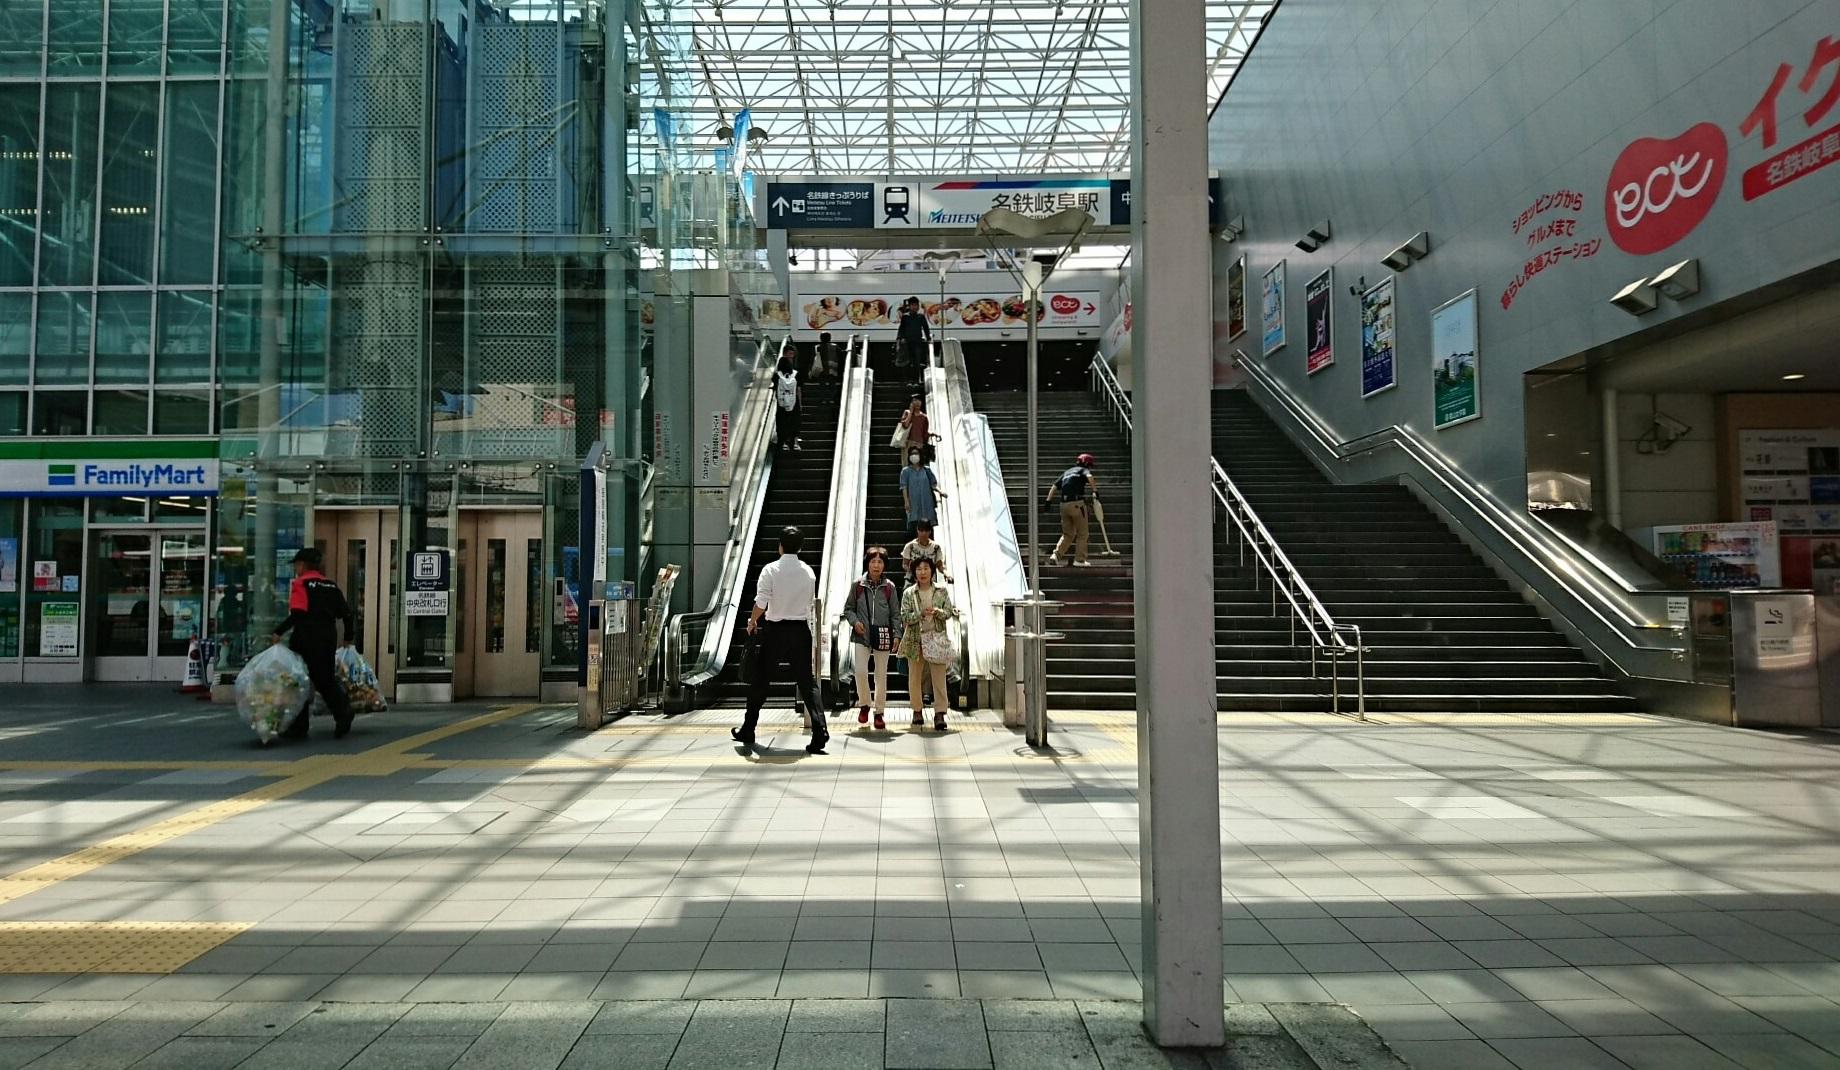 2018.6.1 岐阜 (22) 岐阜 - おおかいだん 1840-1070